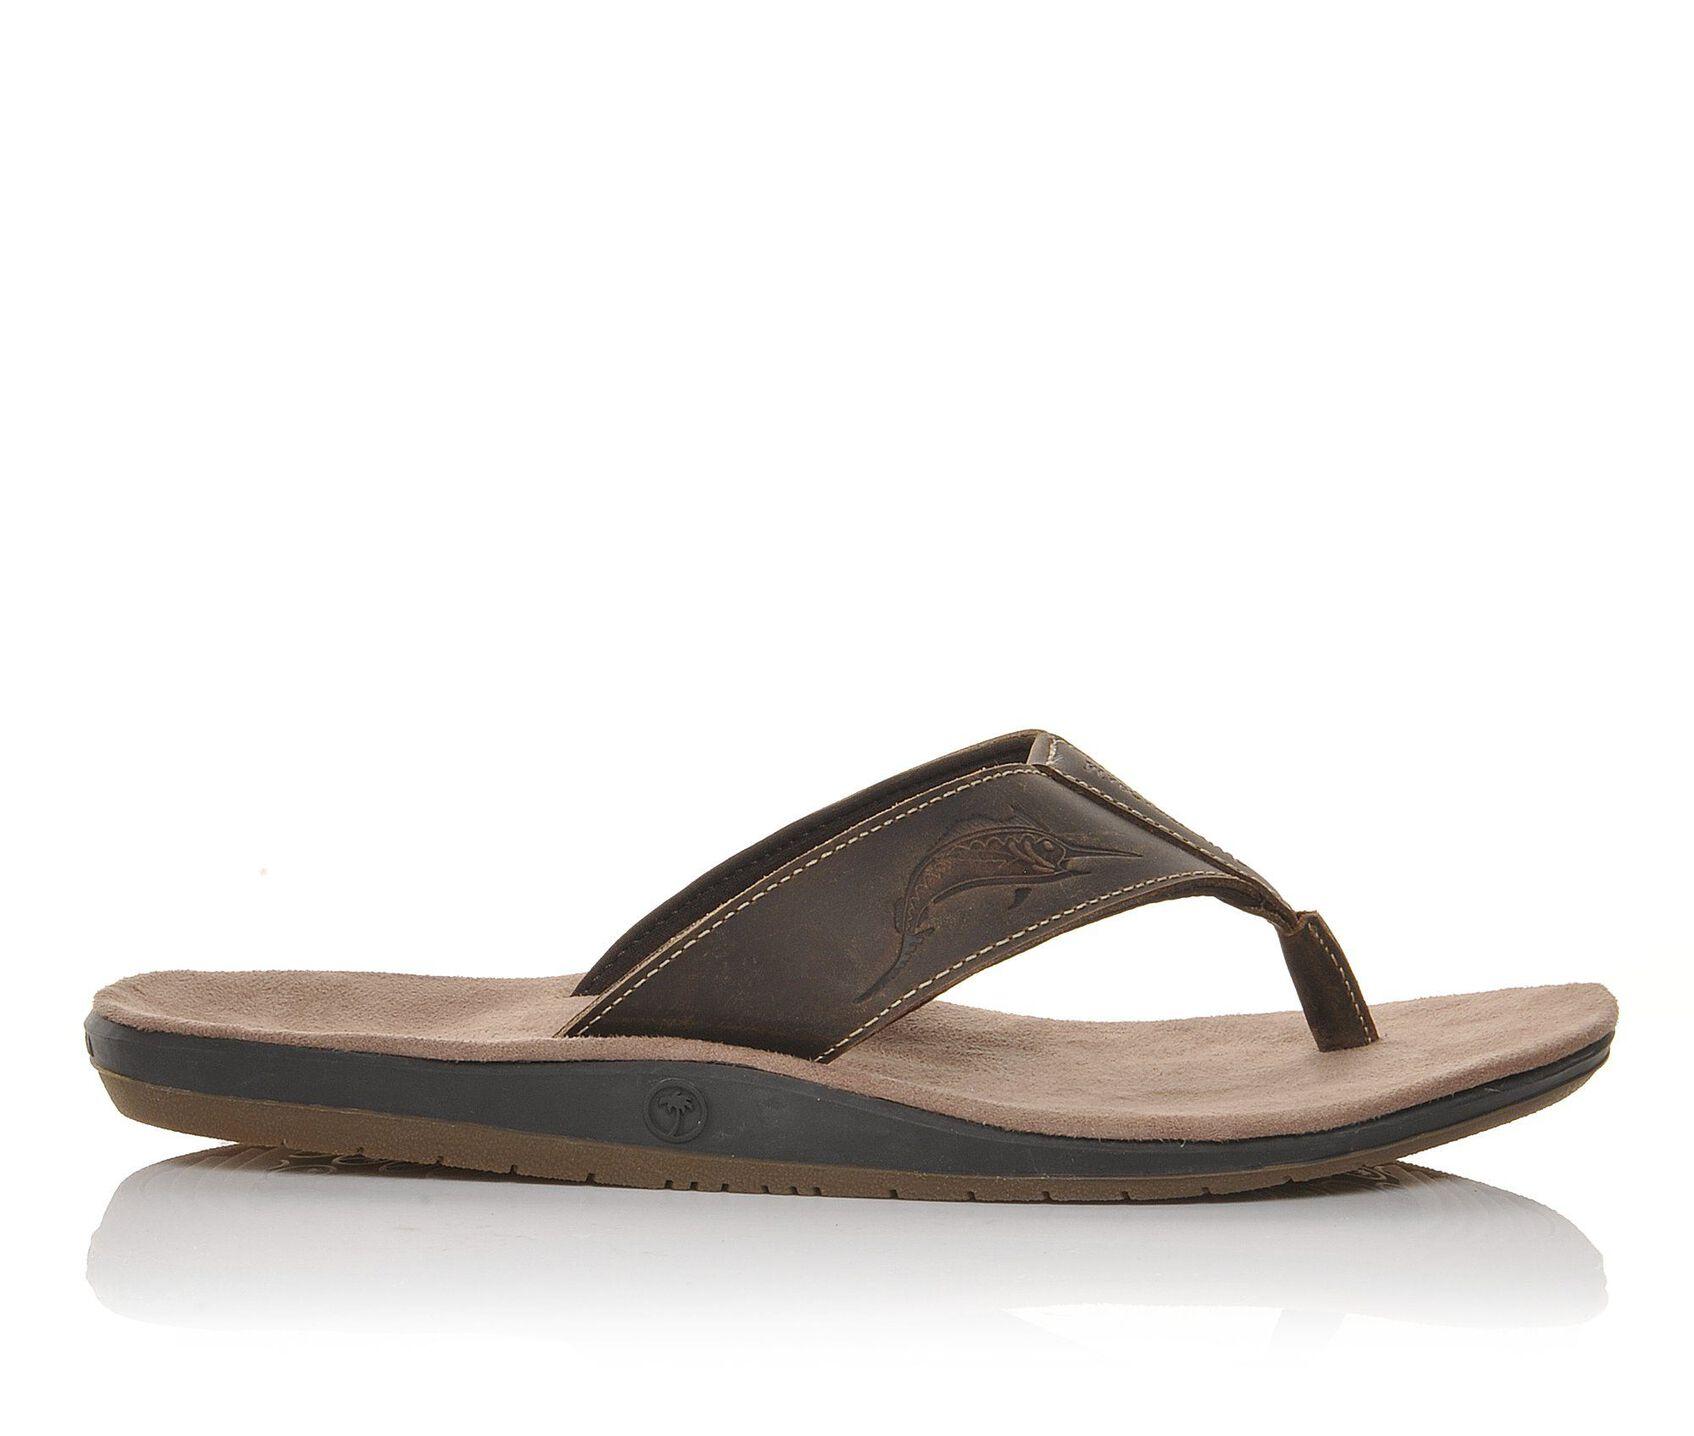 34538d57d Men's Margaritaville Marlin Thong Flip-Flops